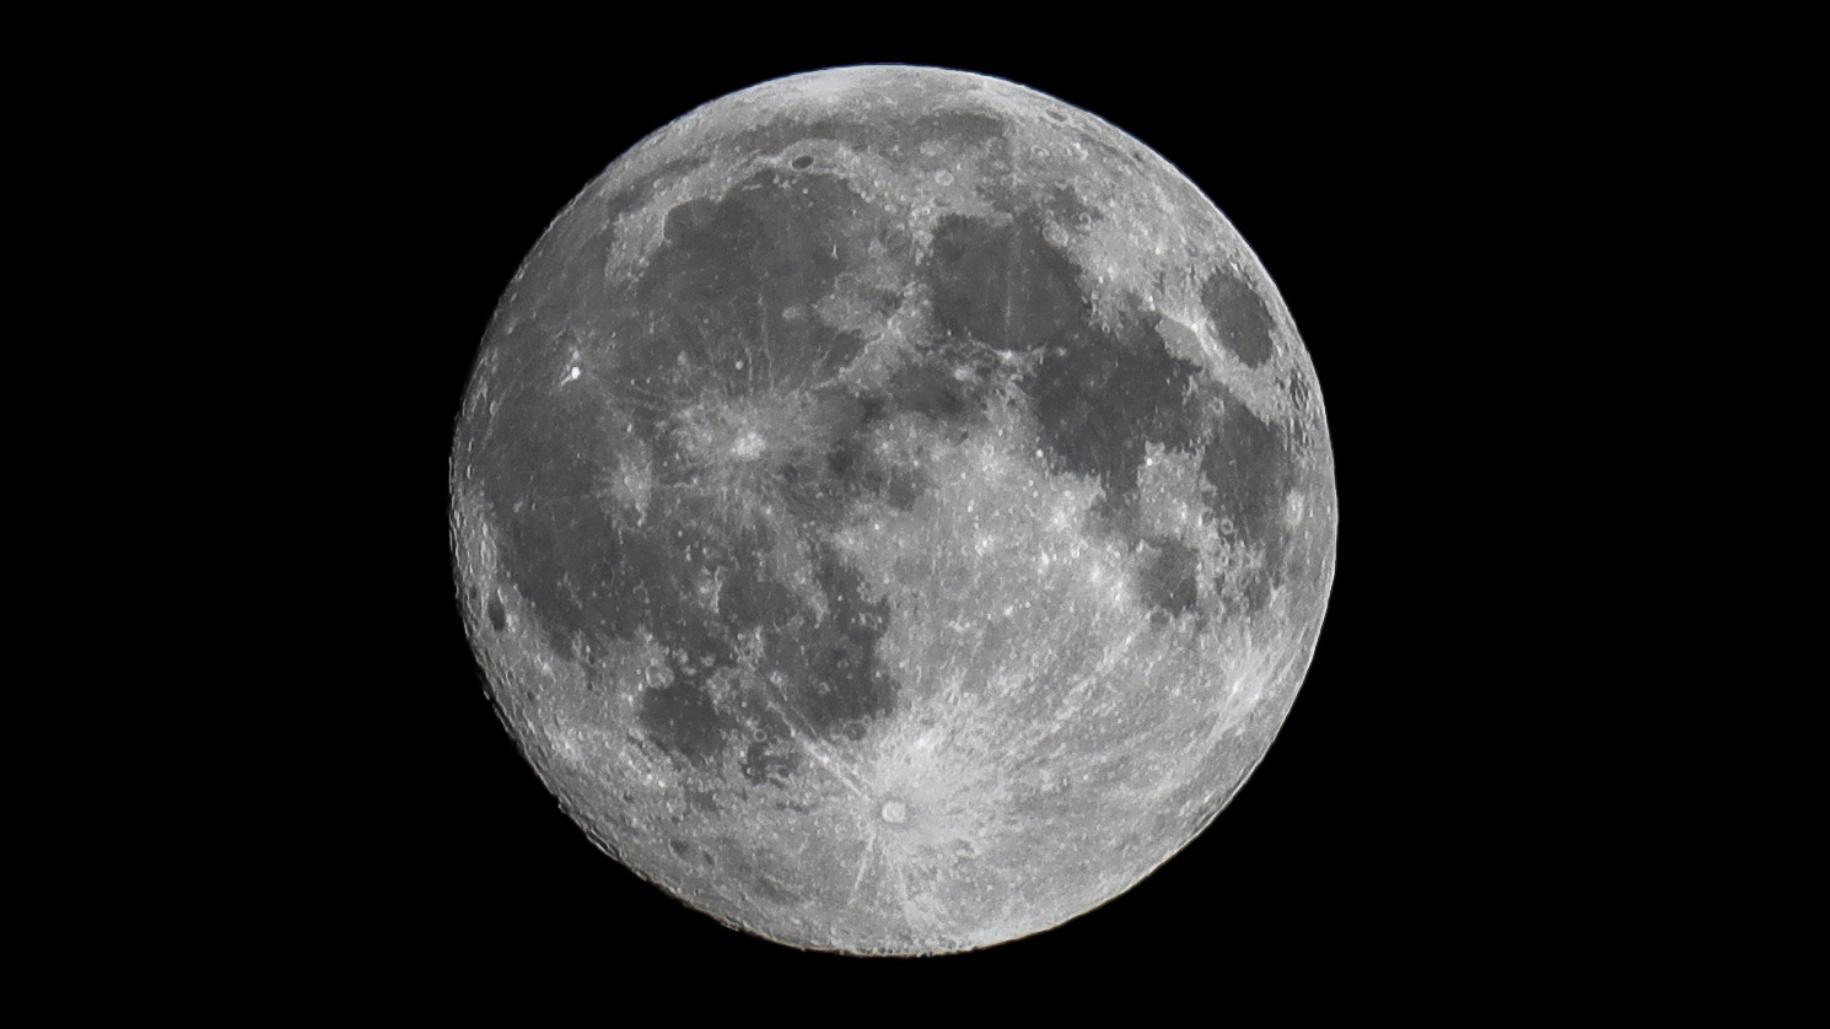 Primera noche de 2018 recibirá una 'superluna'